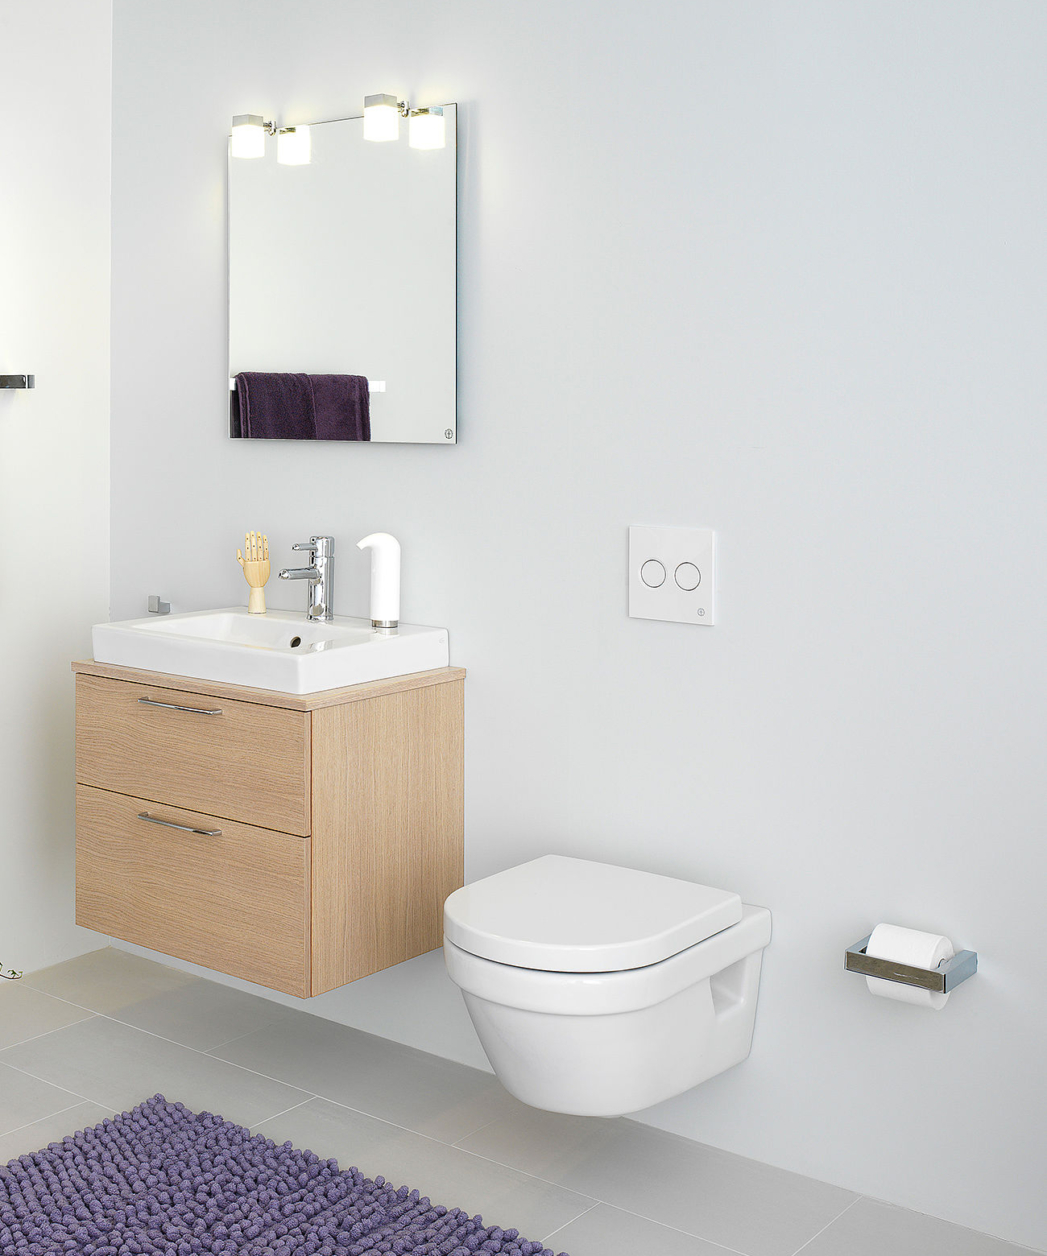 toilet_5G84